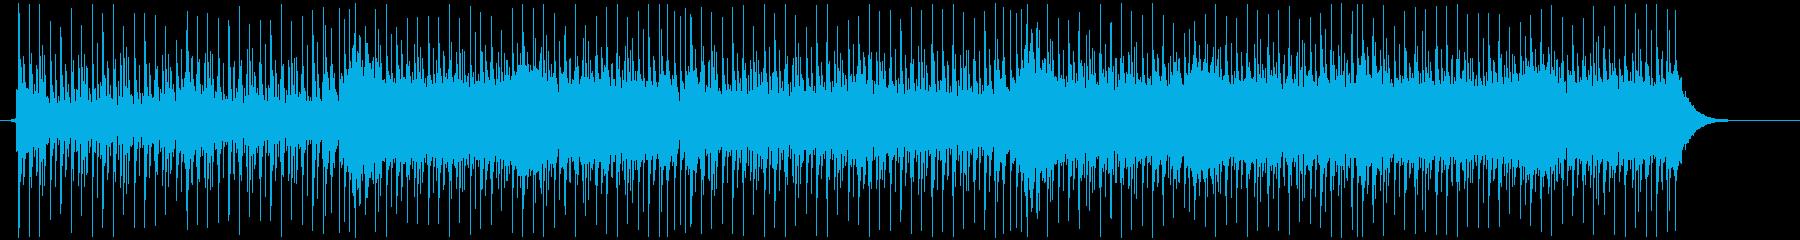 三味線のリフと4つ打ちの和風ダンス曲の再生済みの波形